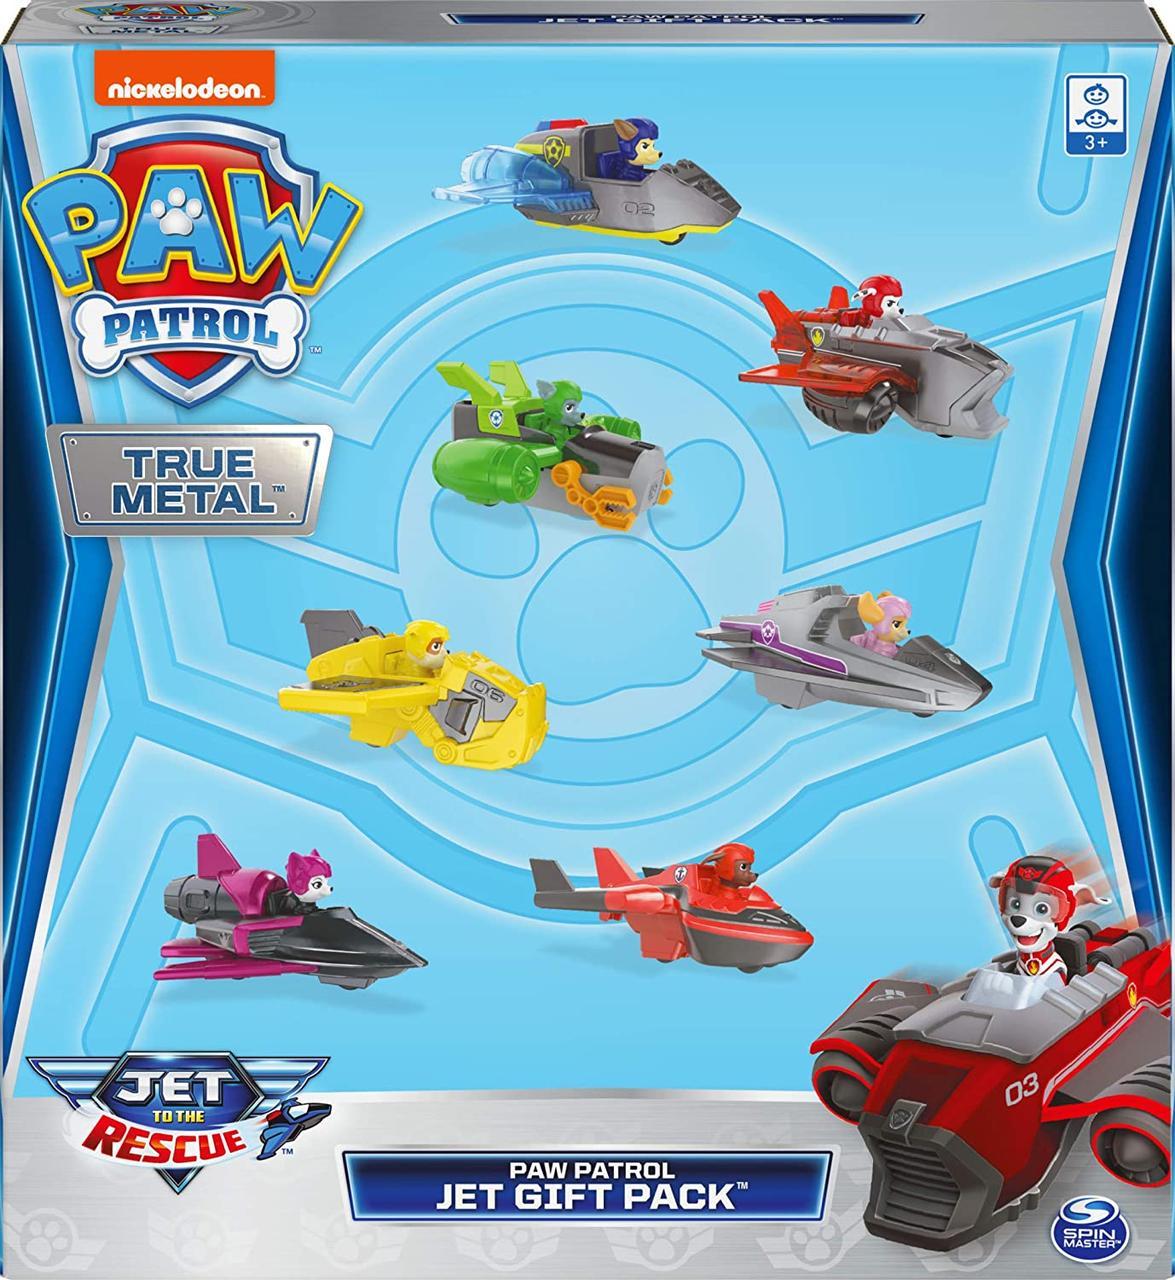 Игровой набор Щенячий патруль True Metal Jet to The Rescue оригинал от Spin Master